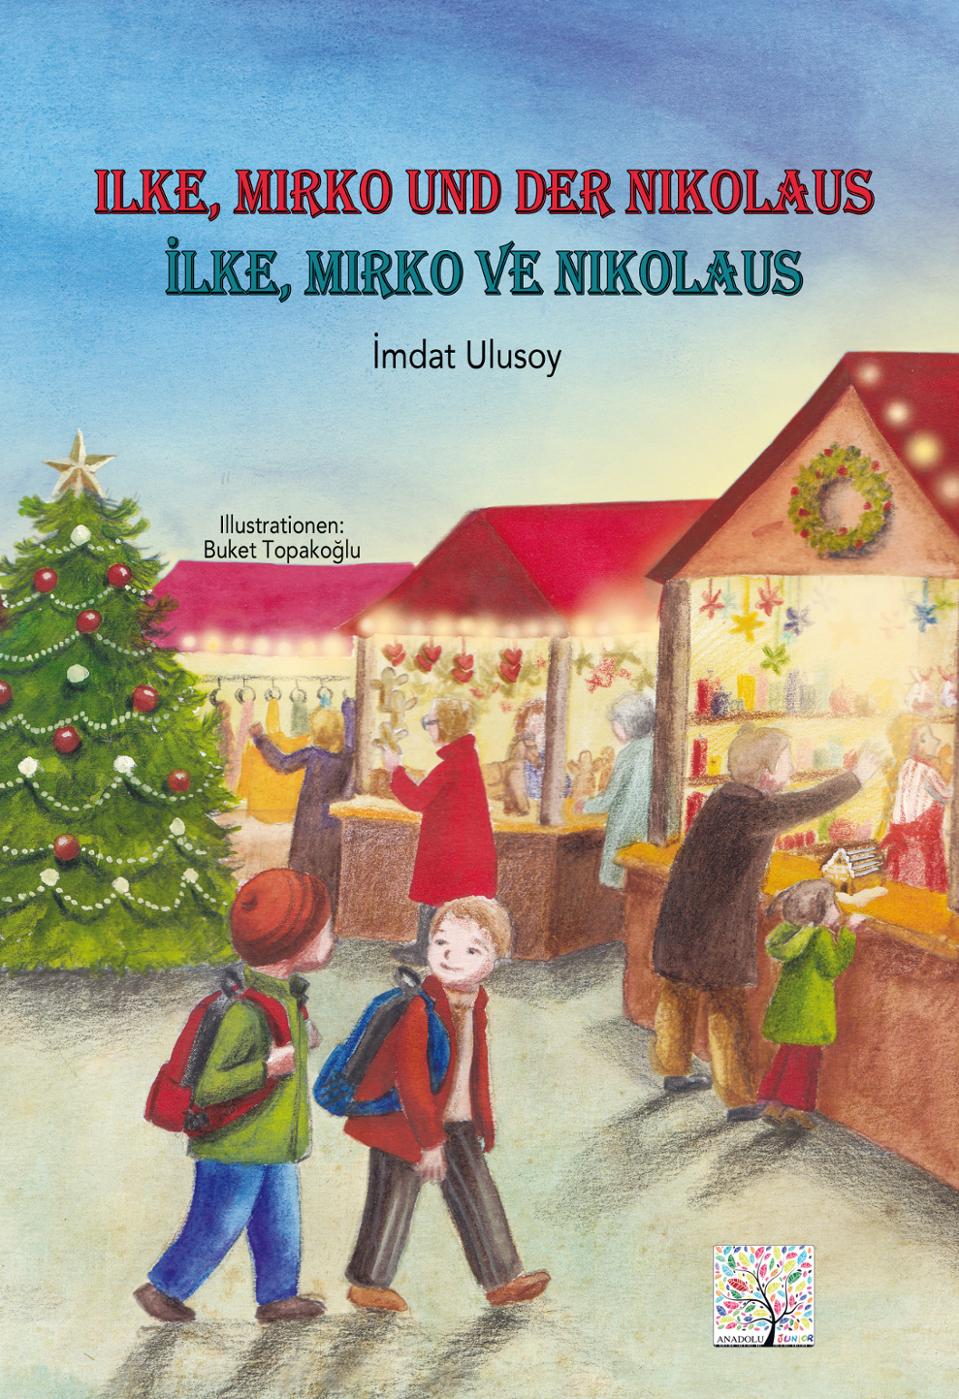 Ilke, Mirko und der Nikolaus